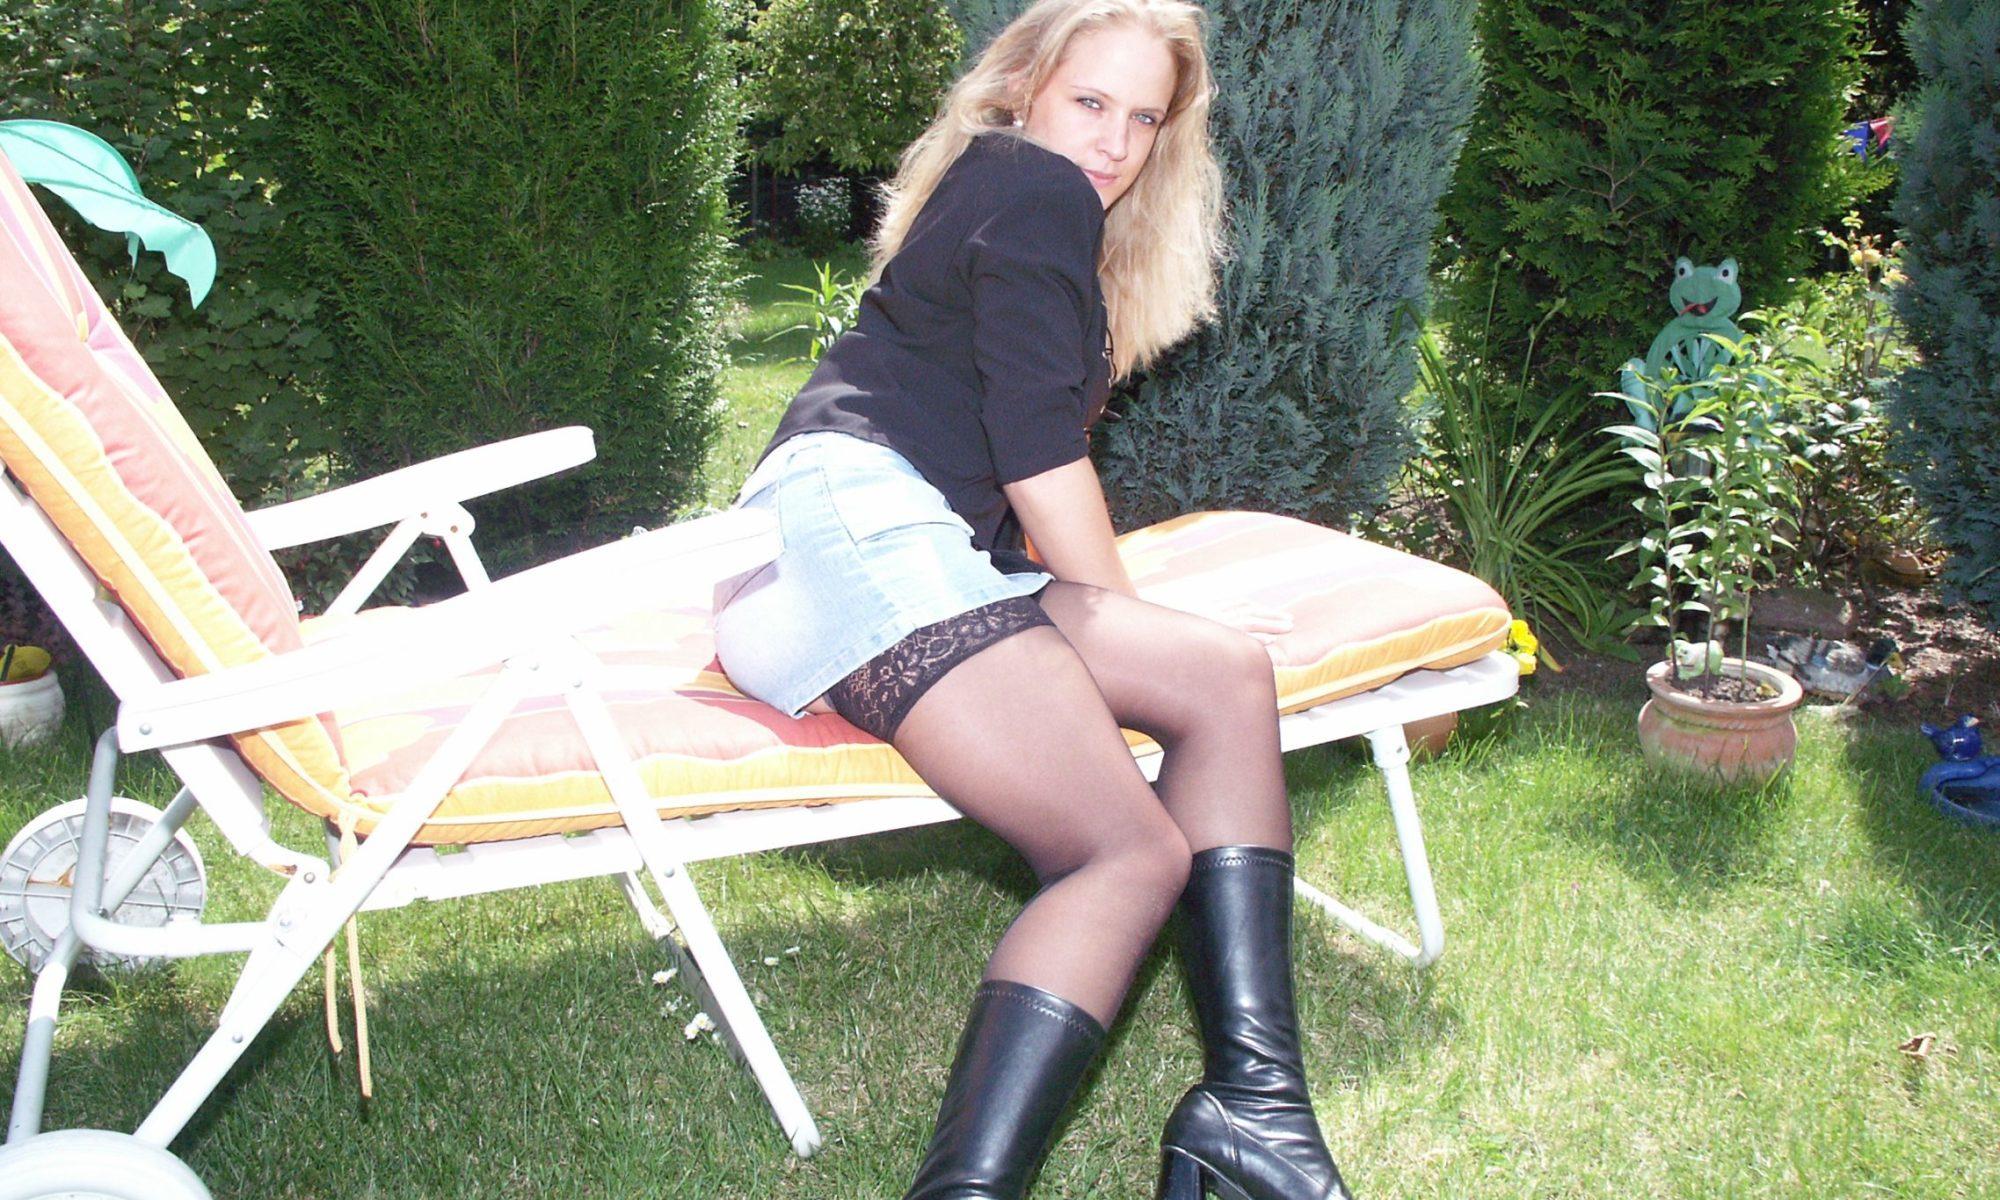 Blondine in Minirock und Lederstiefeln